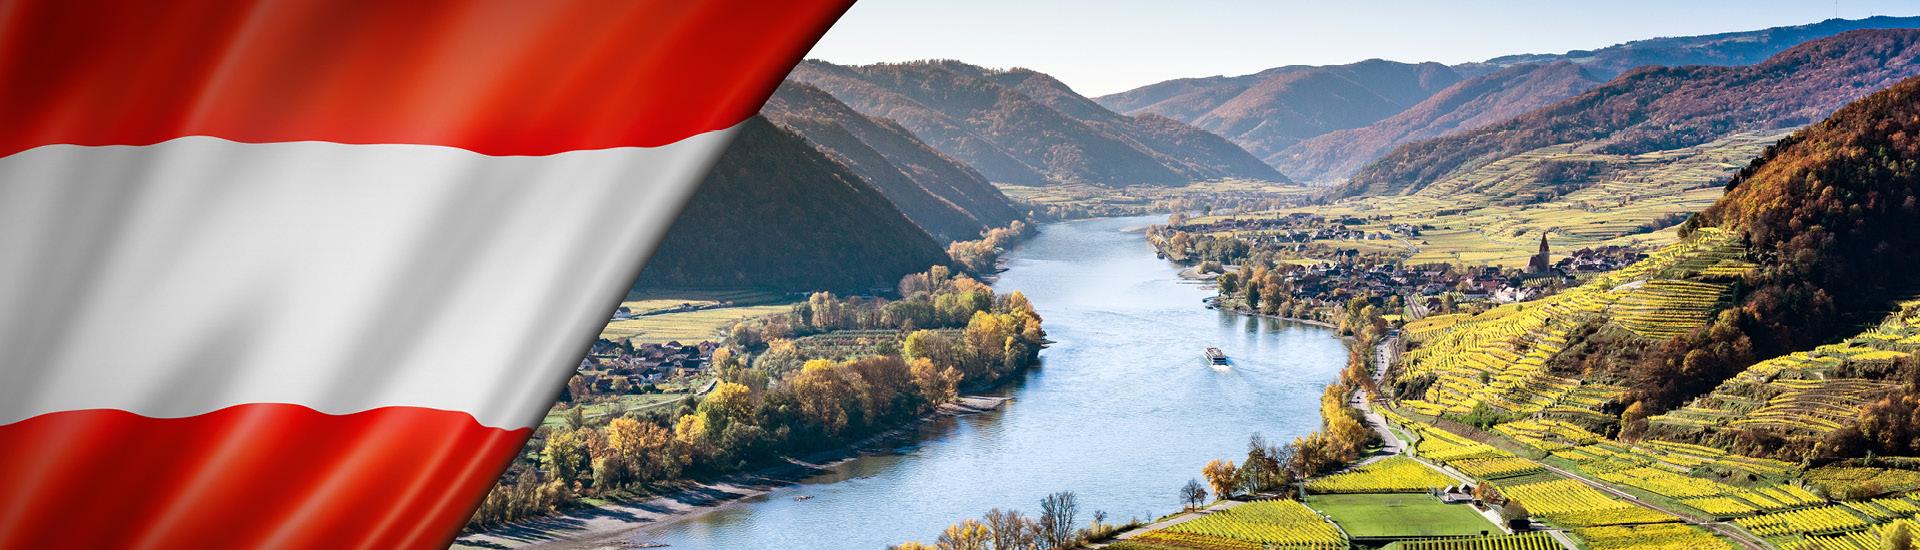 Weine - Top of Austria - Spitzenweine aus Österreich bis zu 20% Rabatt! 04/2021 - Slider